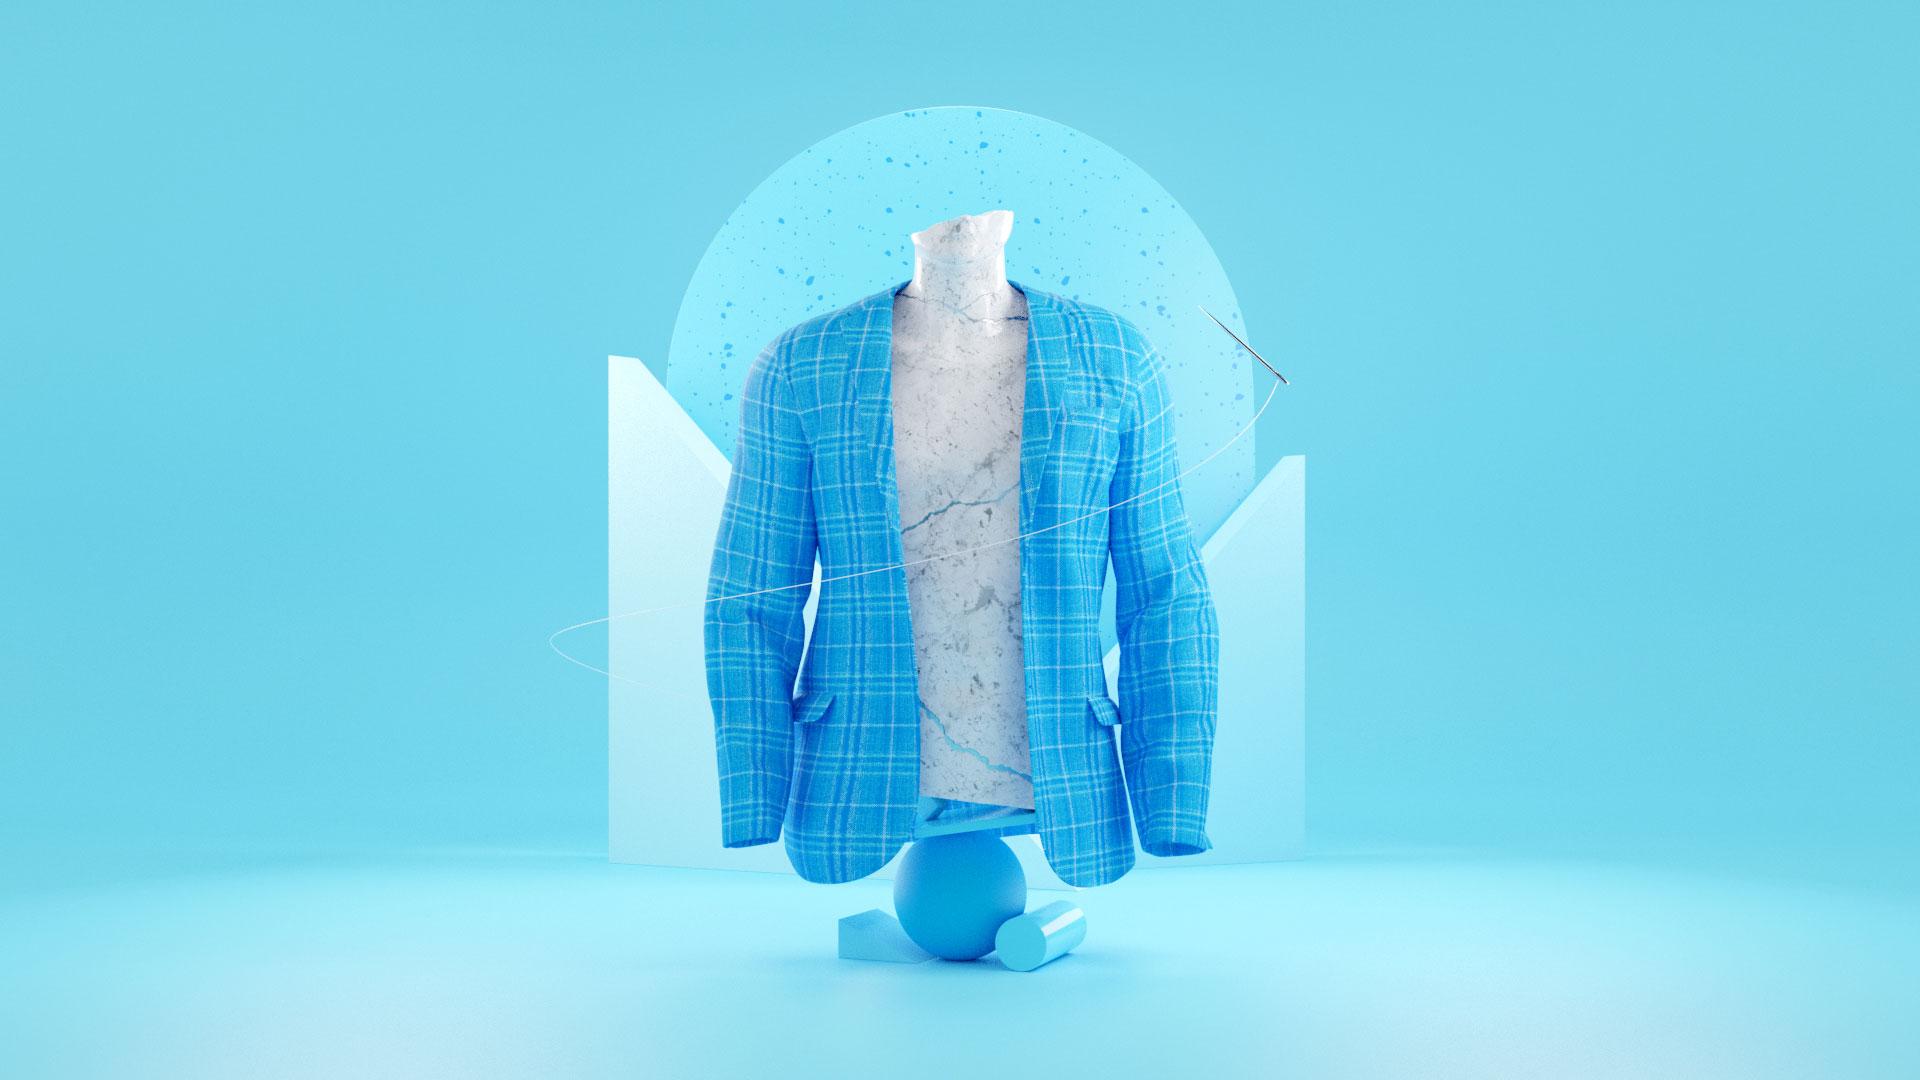 Servizi | CONFIGURATORE 3D ABITI DA UOMO